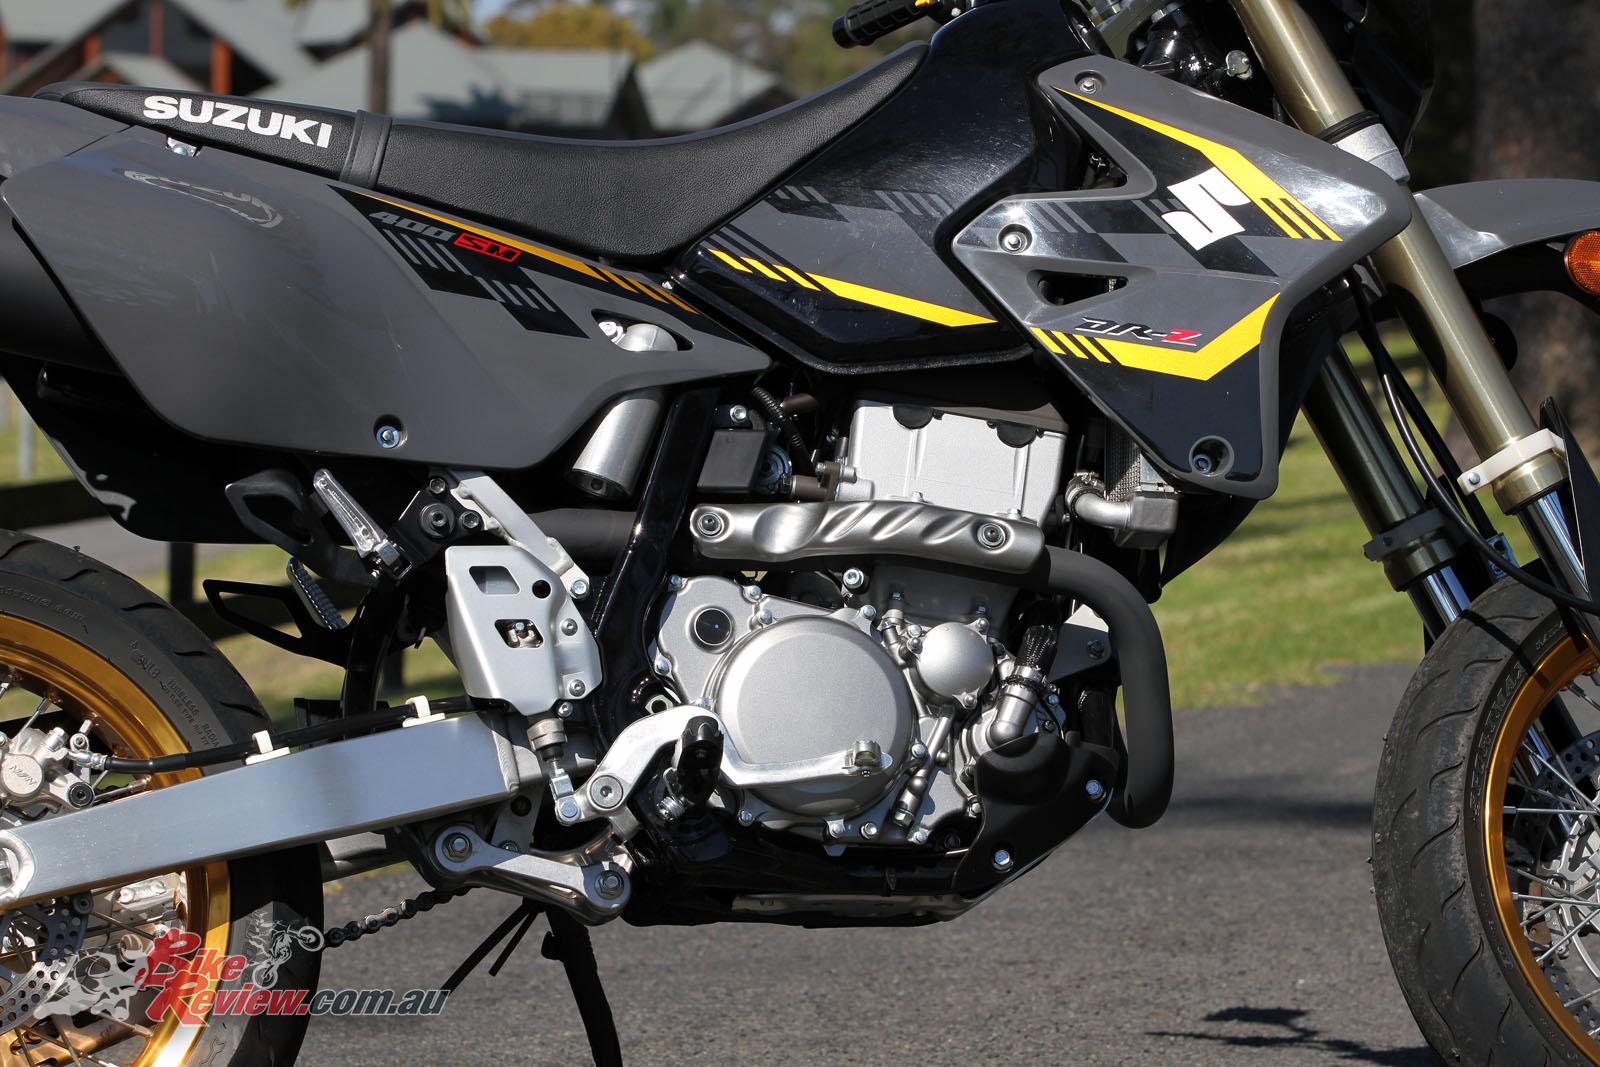 Suzuki Drz Rear Shock